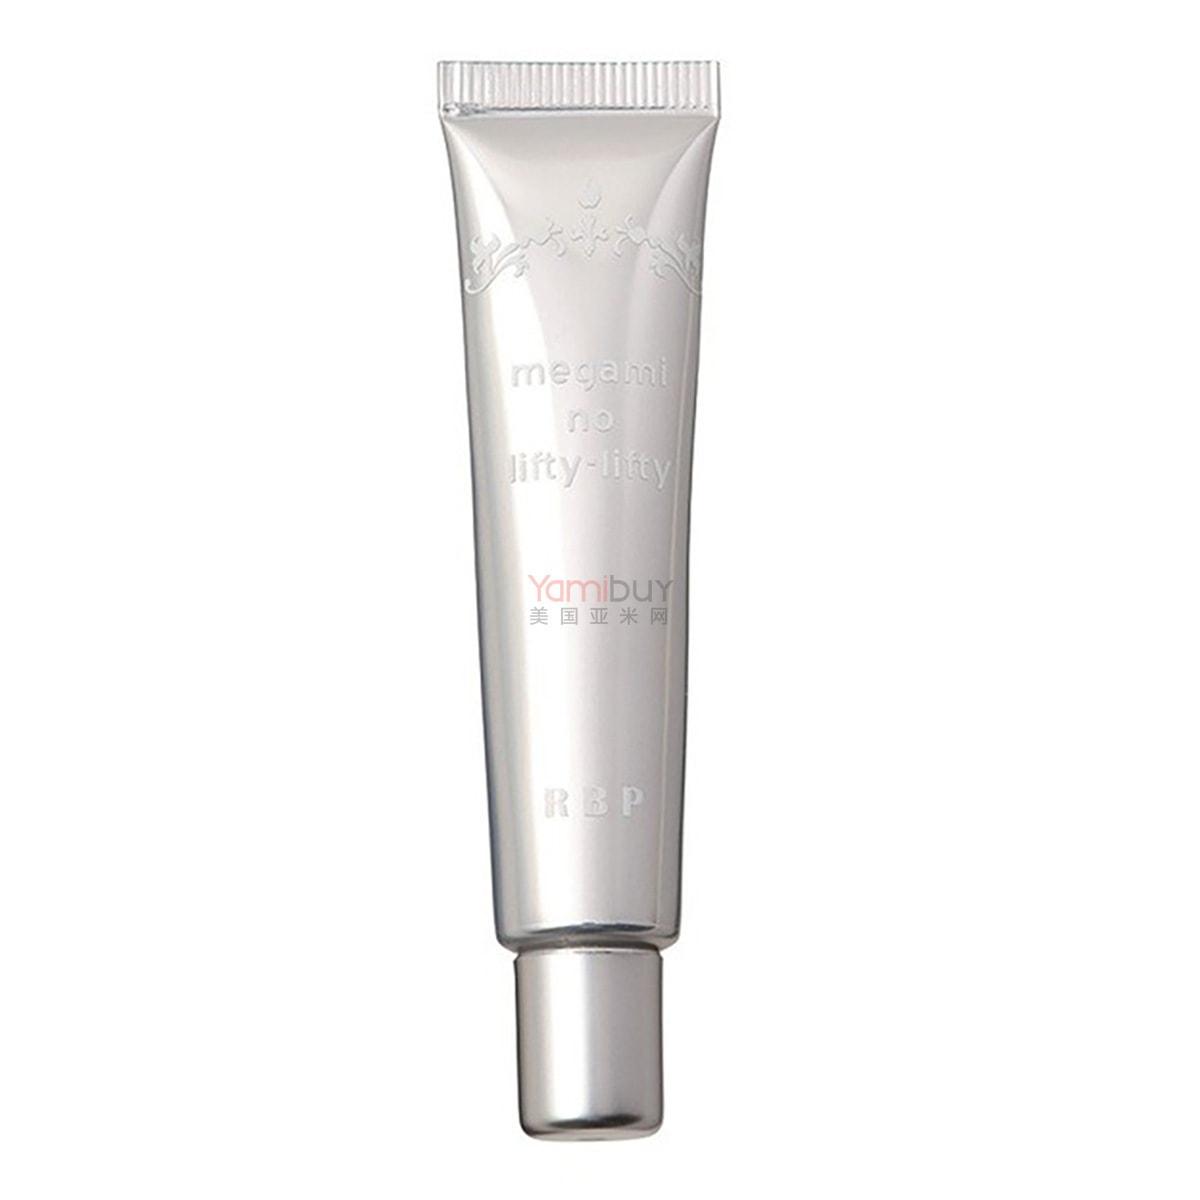 Satto Hand Ampamp Body Whitening Moisturizer 200ml Megami No Lifty Eye Cream 15ml